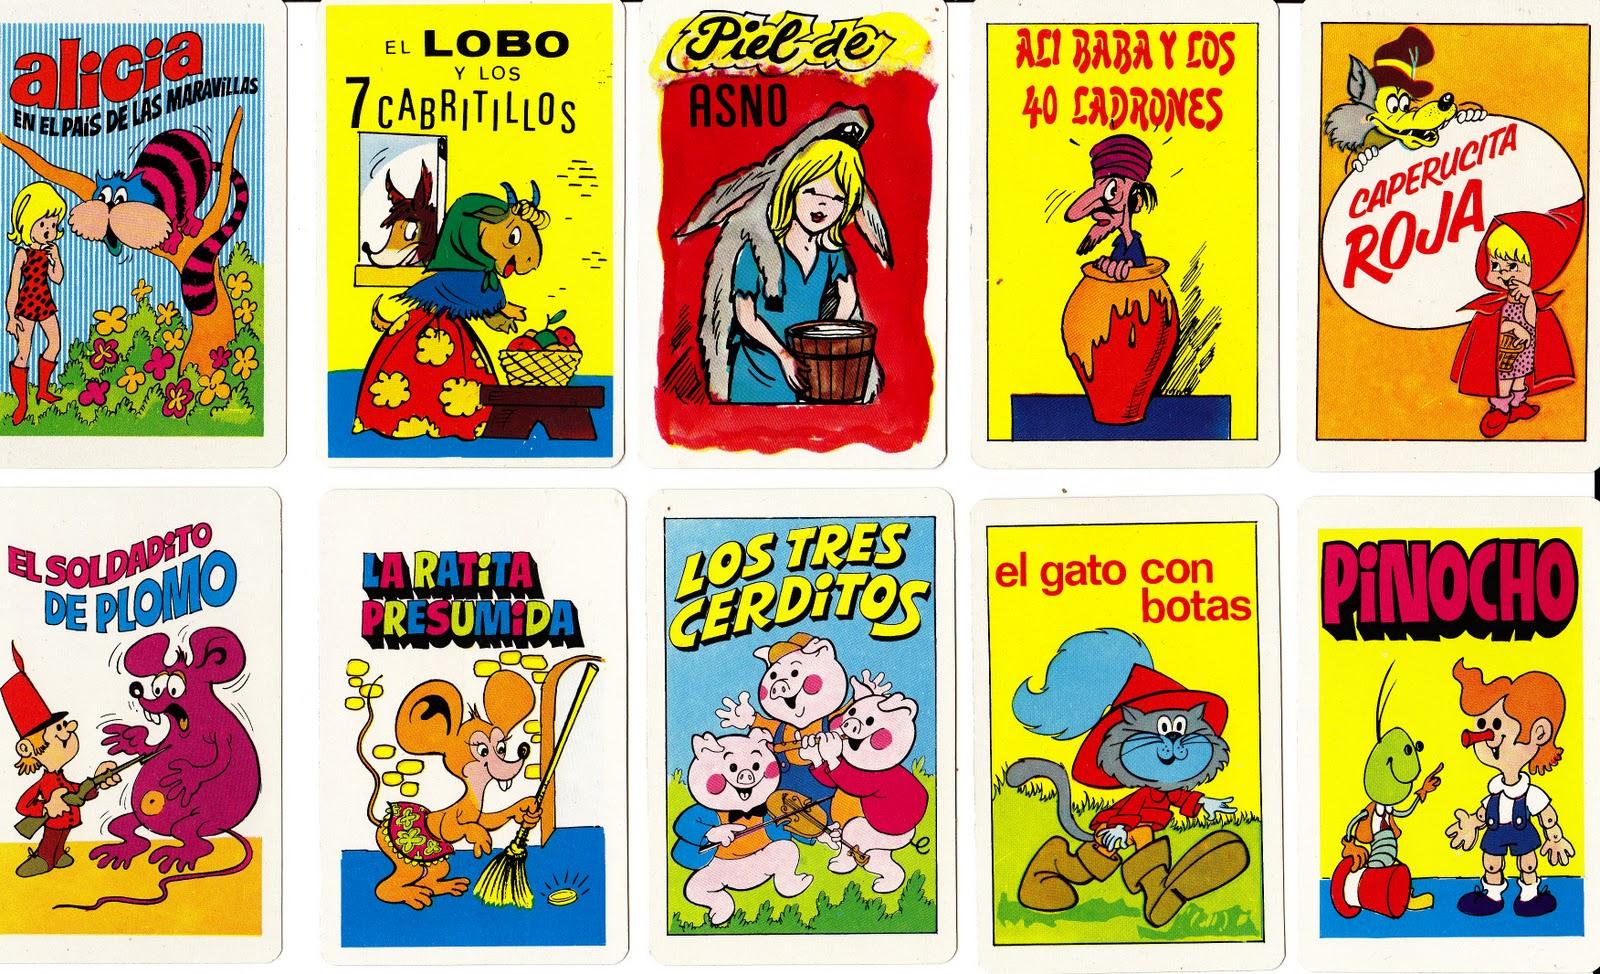 Colecciono calendarios calendarios comas cuentos - Infantiles para ninos ...